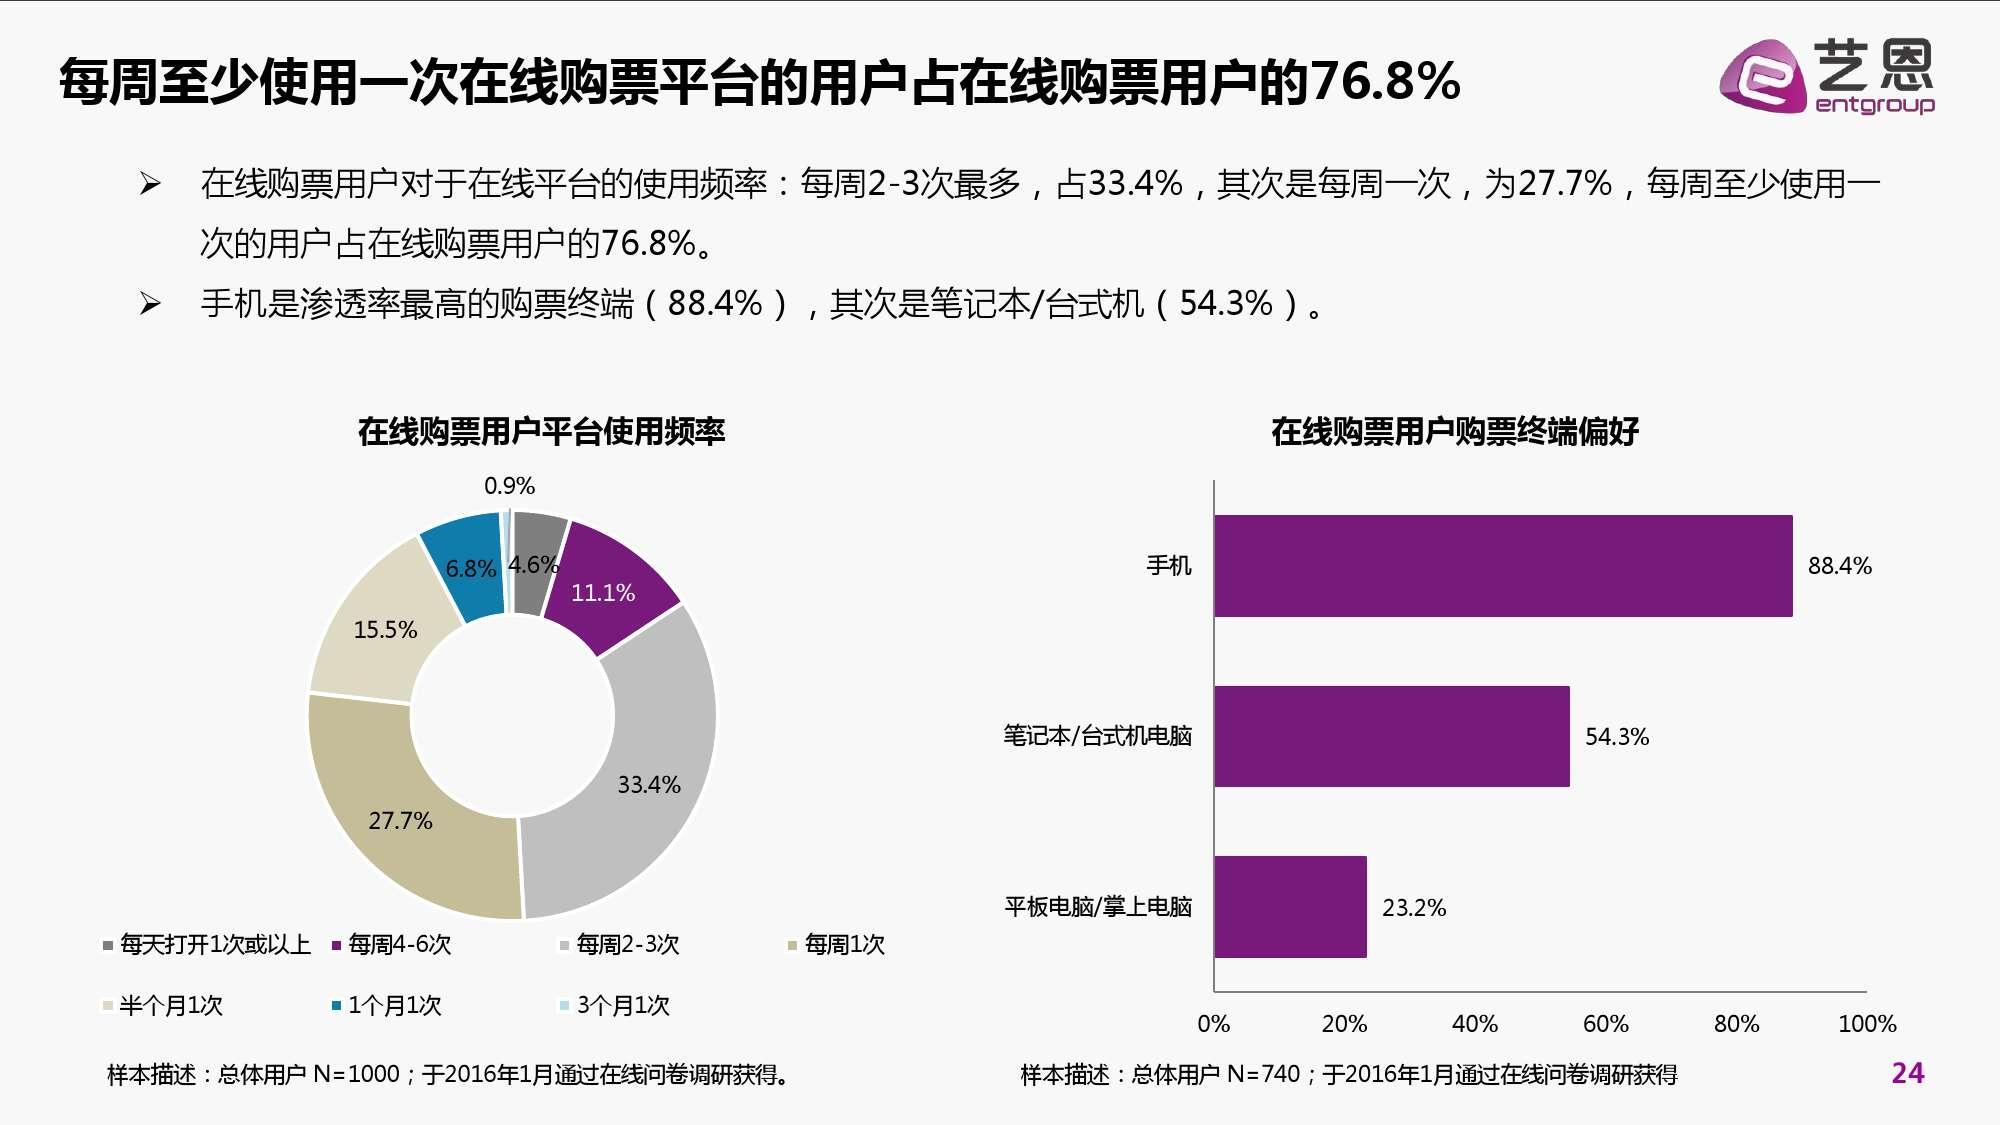 2016年中国电影在线票务市场研究报告_000024